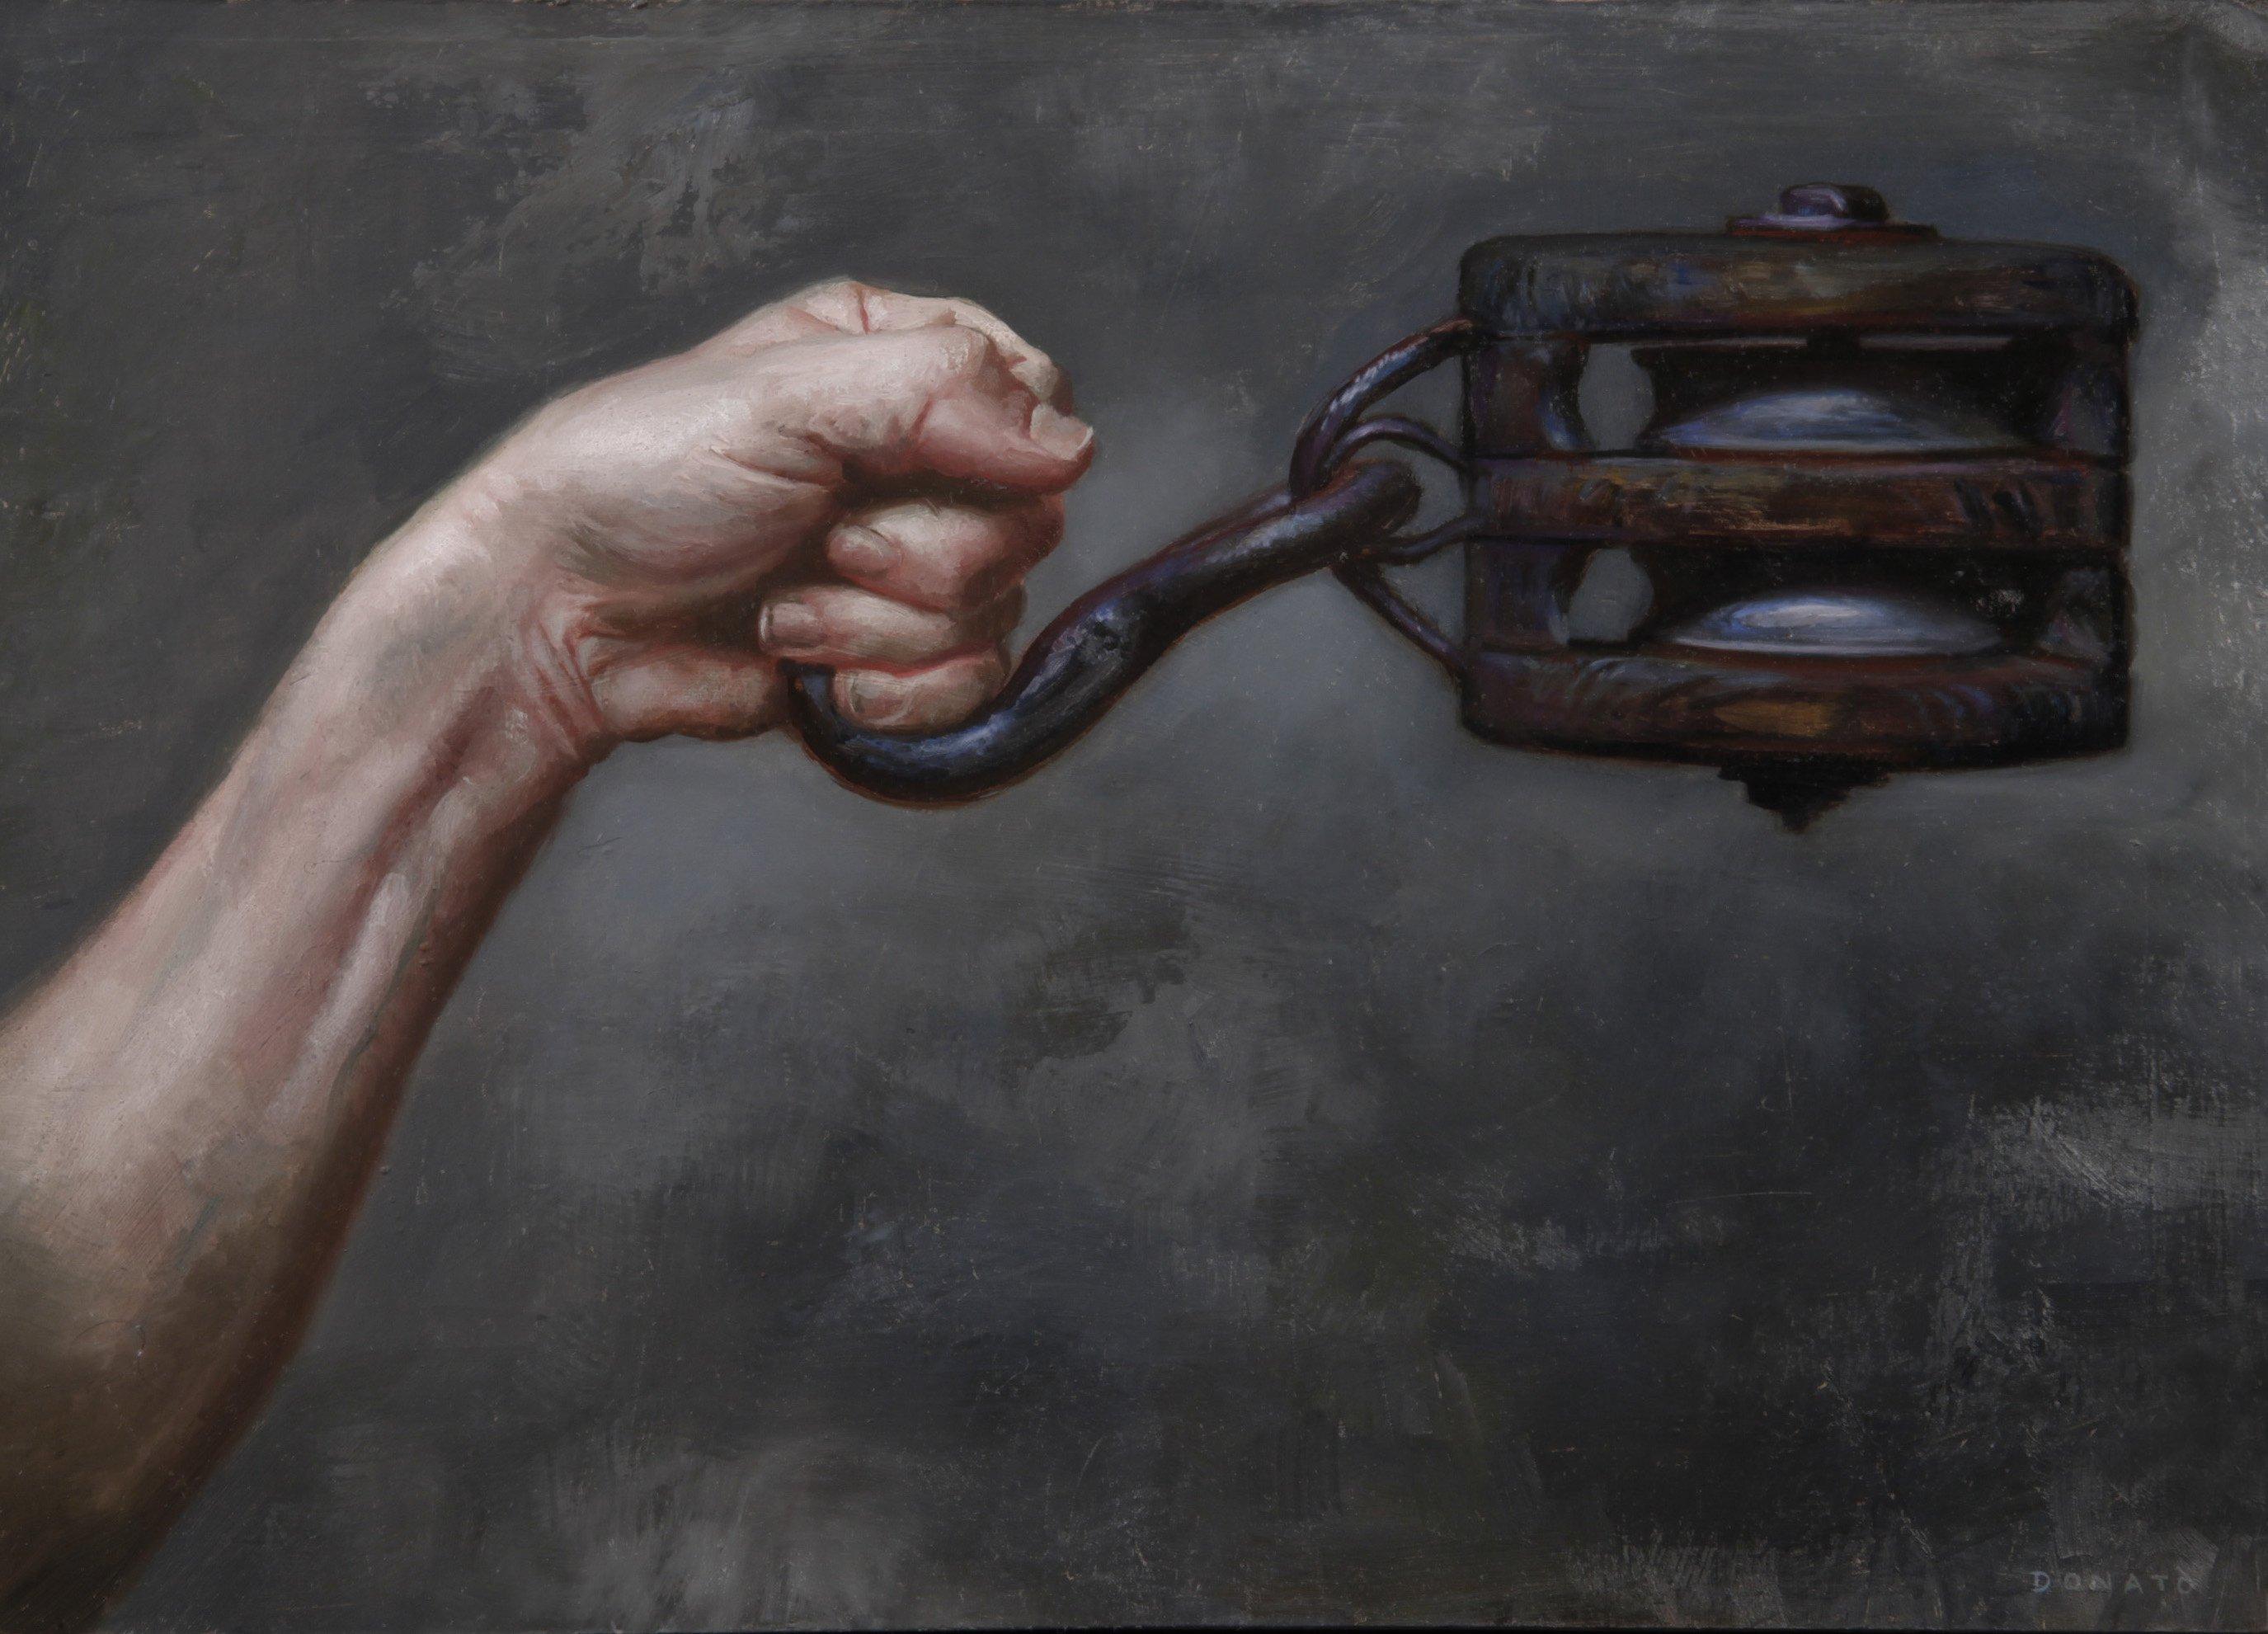 https://0201.nccdn.net/1_2/000/000/0d5/30a/Hand-Balance-Donato-2750x1981.jpg